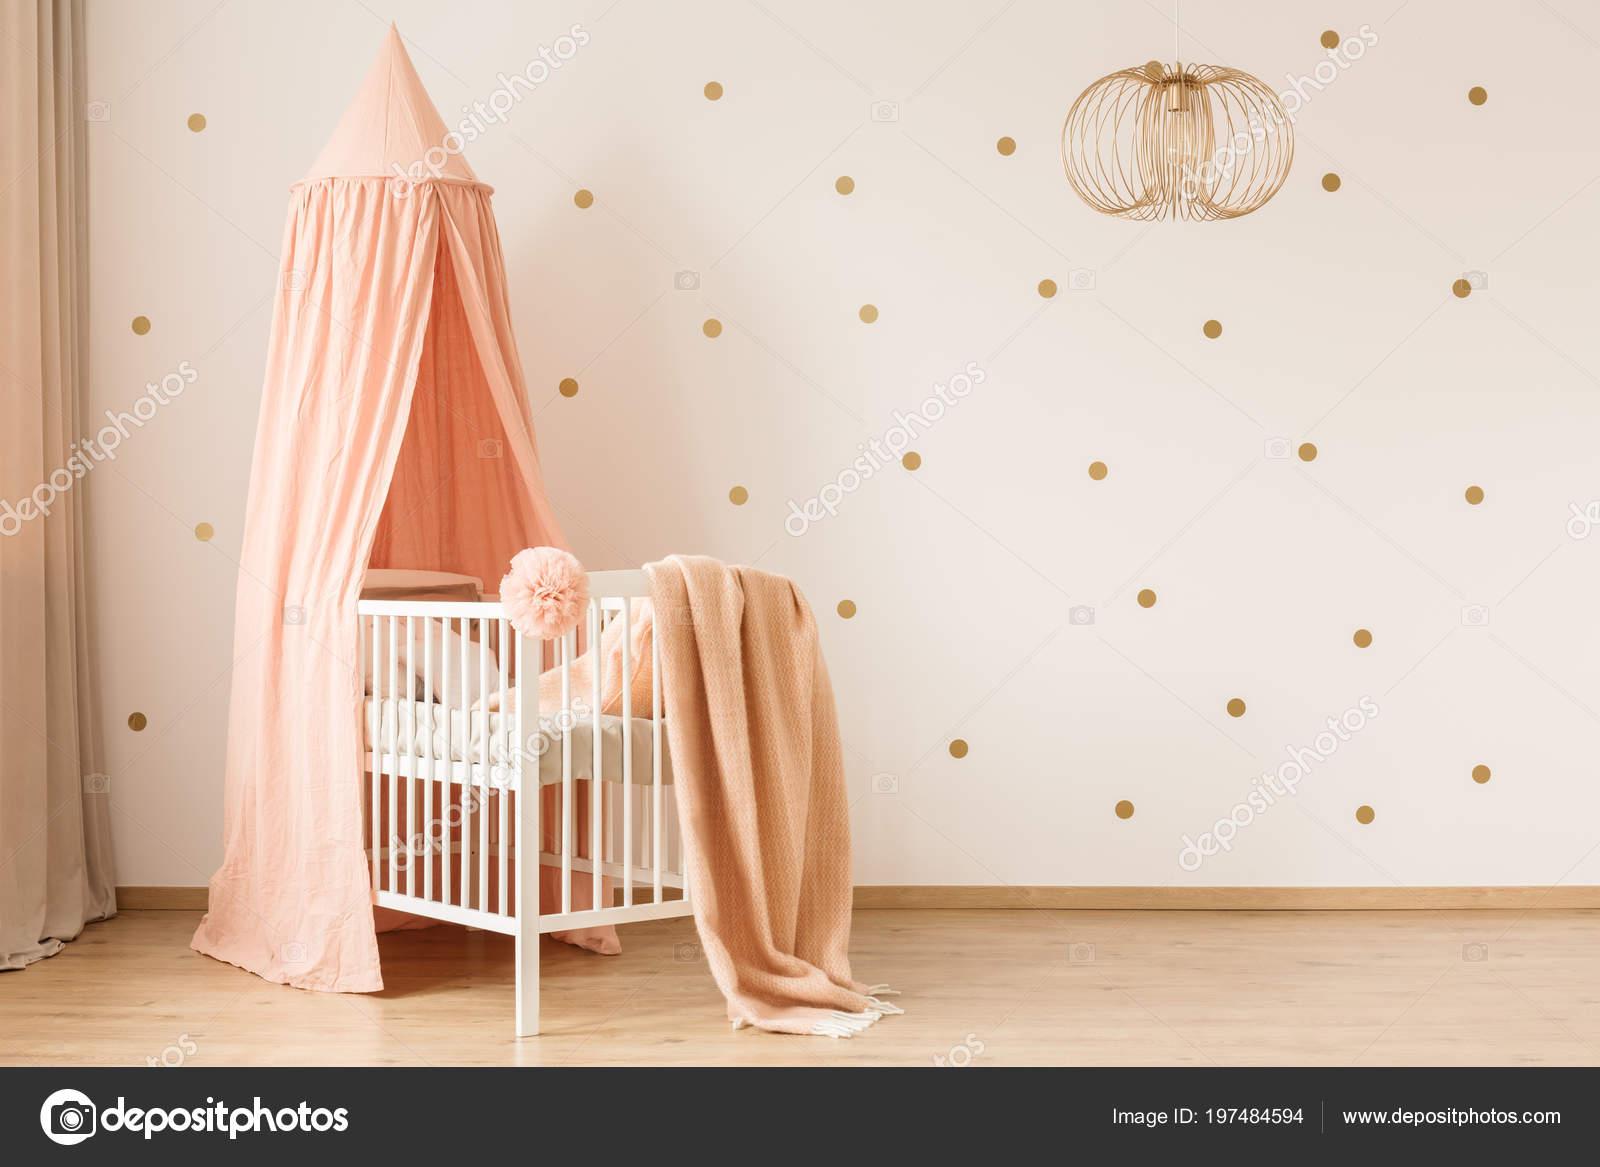 Lampe Intérieur Chambre Coucher Bébé Pastel Avec Baldaquin Berceau Contre U2014  Photo